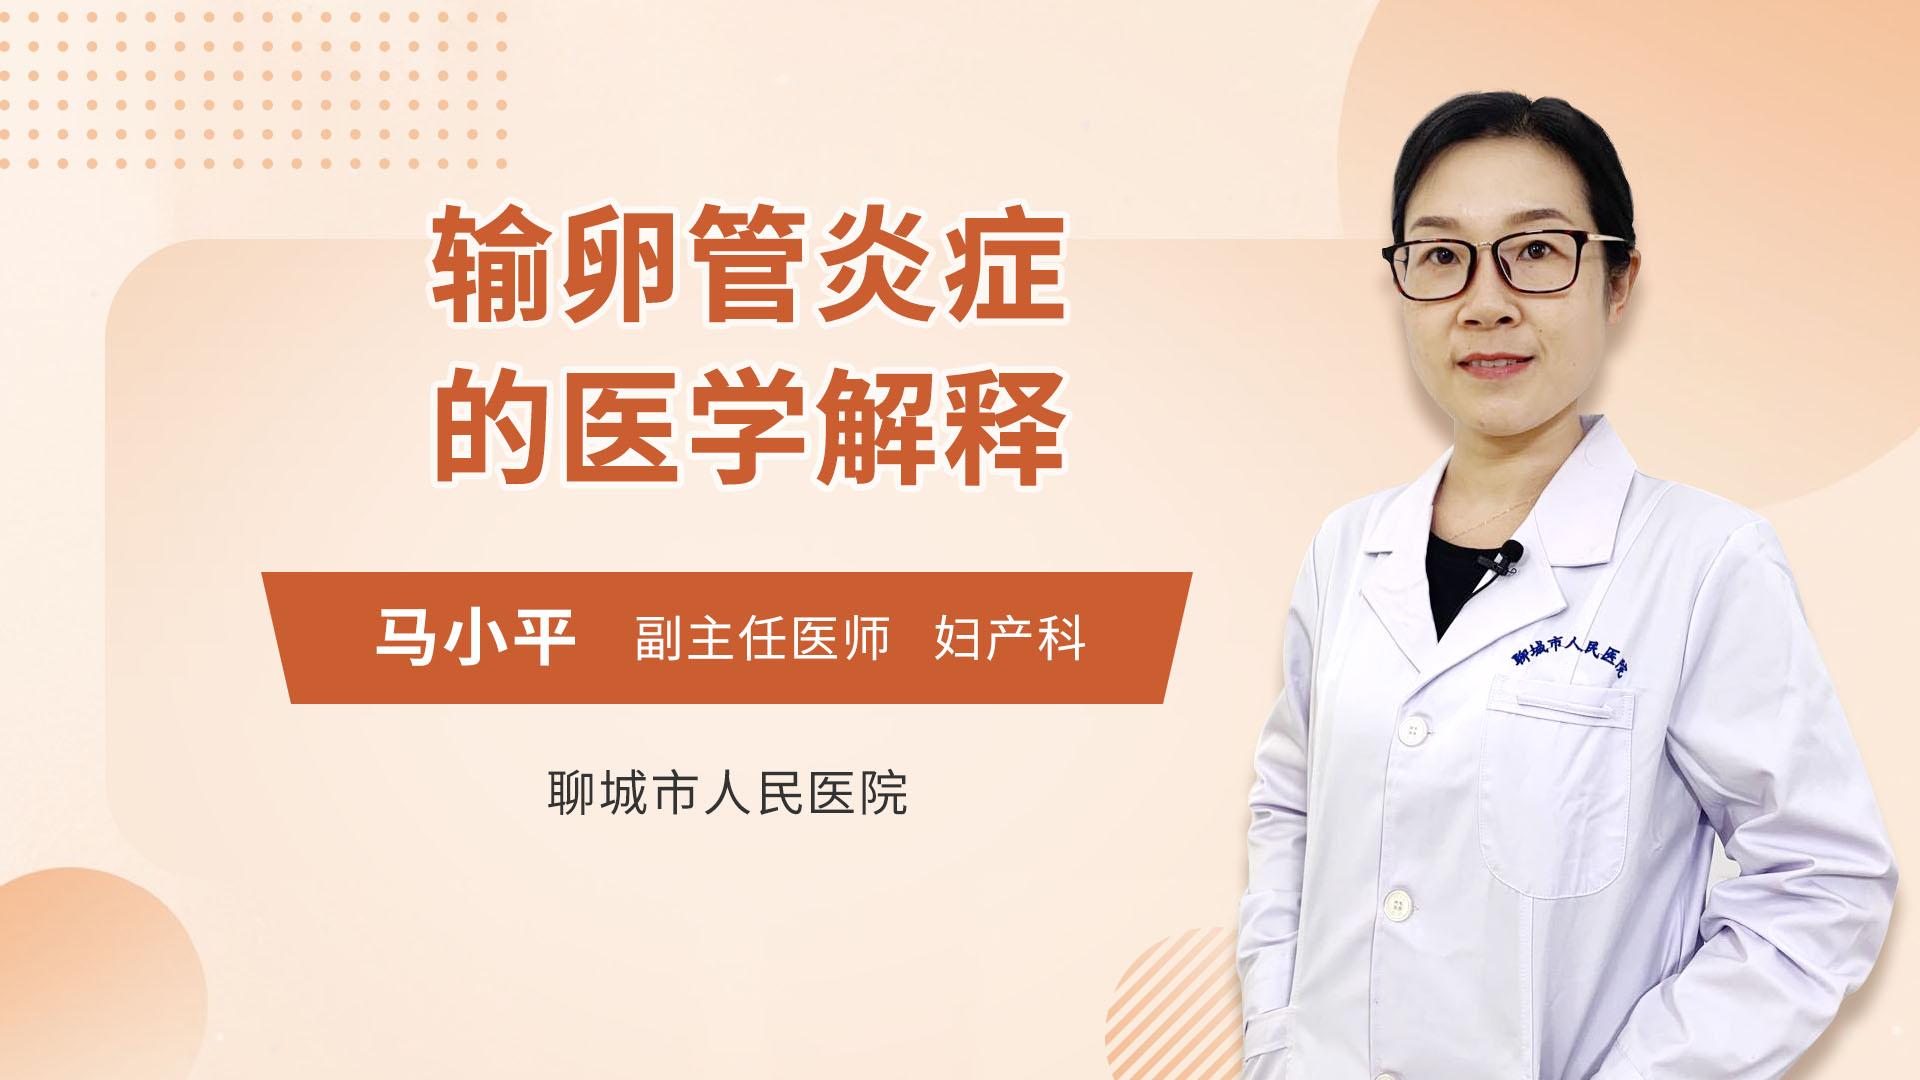 输卵管炎症的医学解释